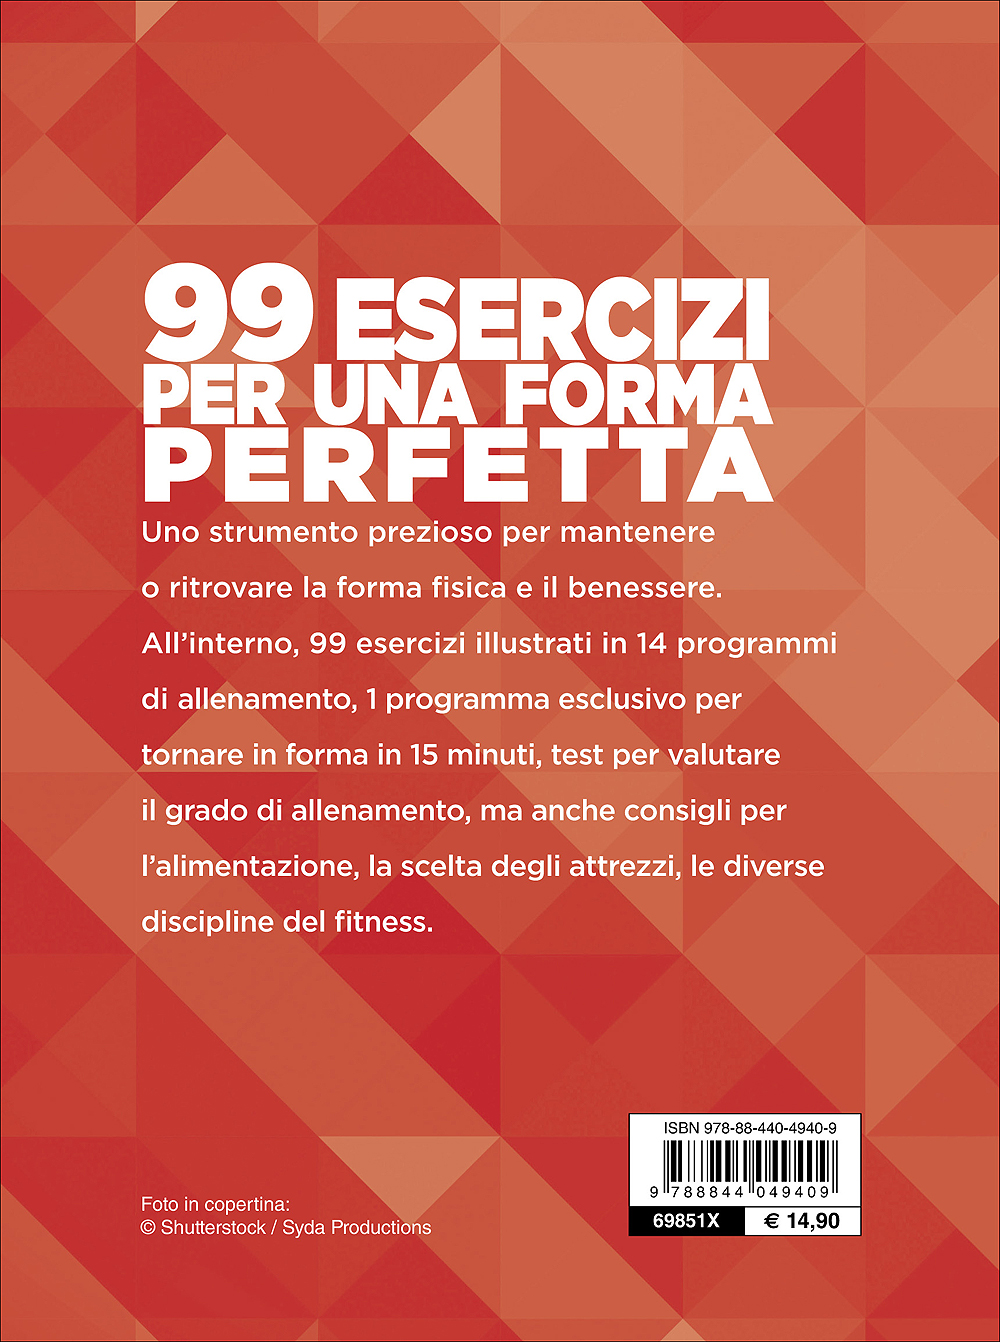 99 esercizi per una forma perfetta